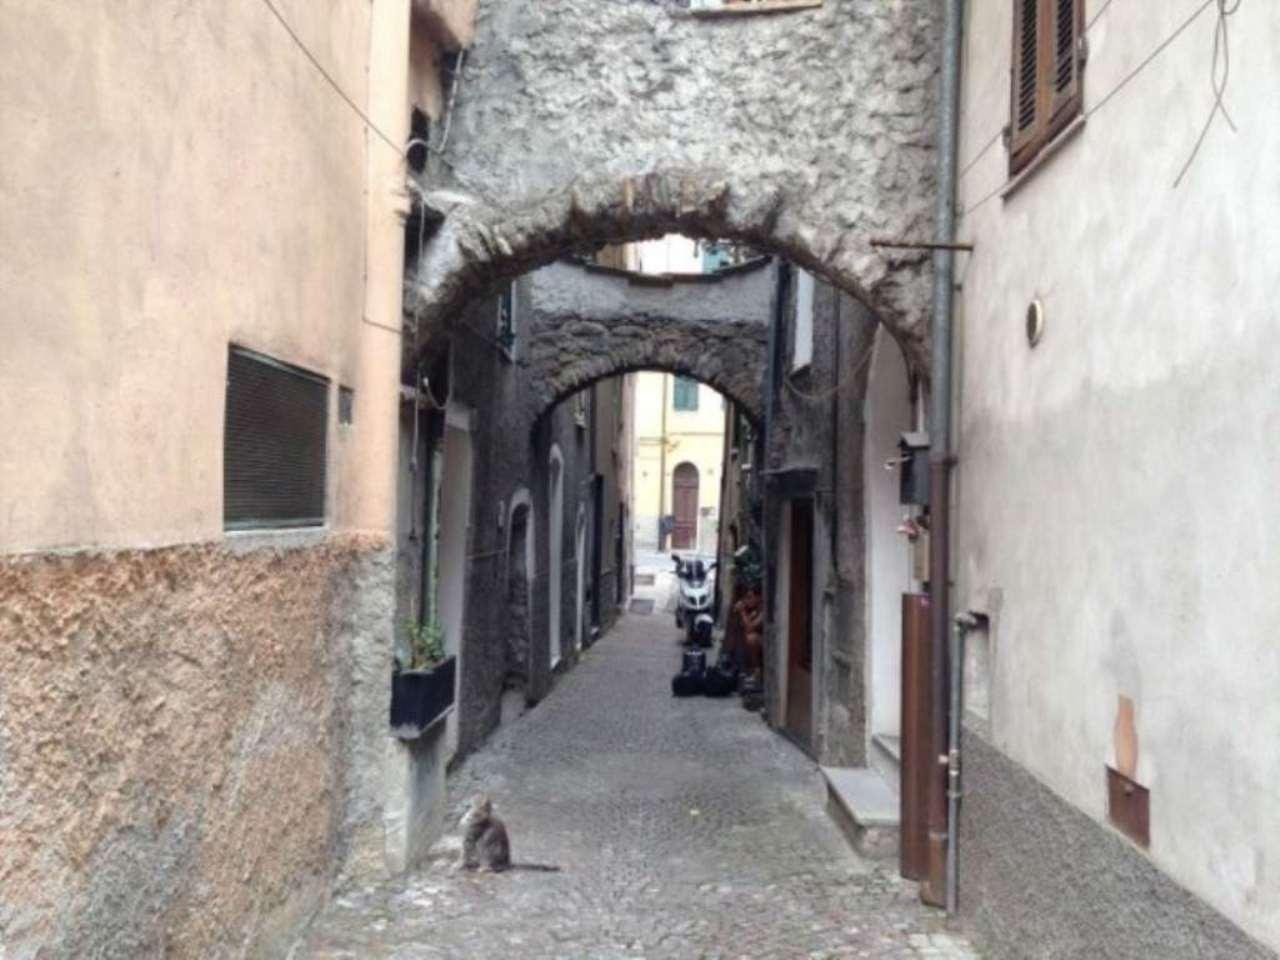 Soluzione Indipendente in vendita a Badalucco, 3 locali, prezzo € 65.000 | Cambio Casa.it